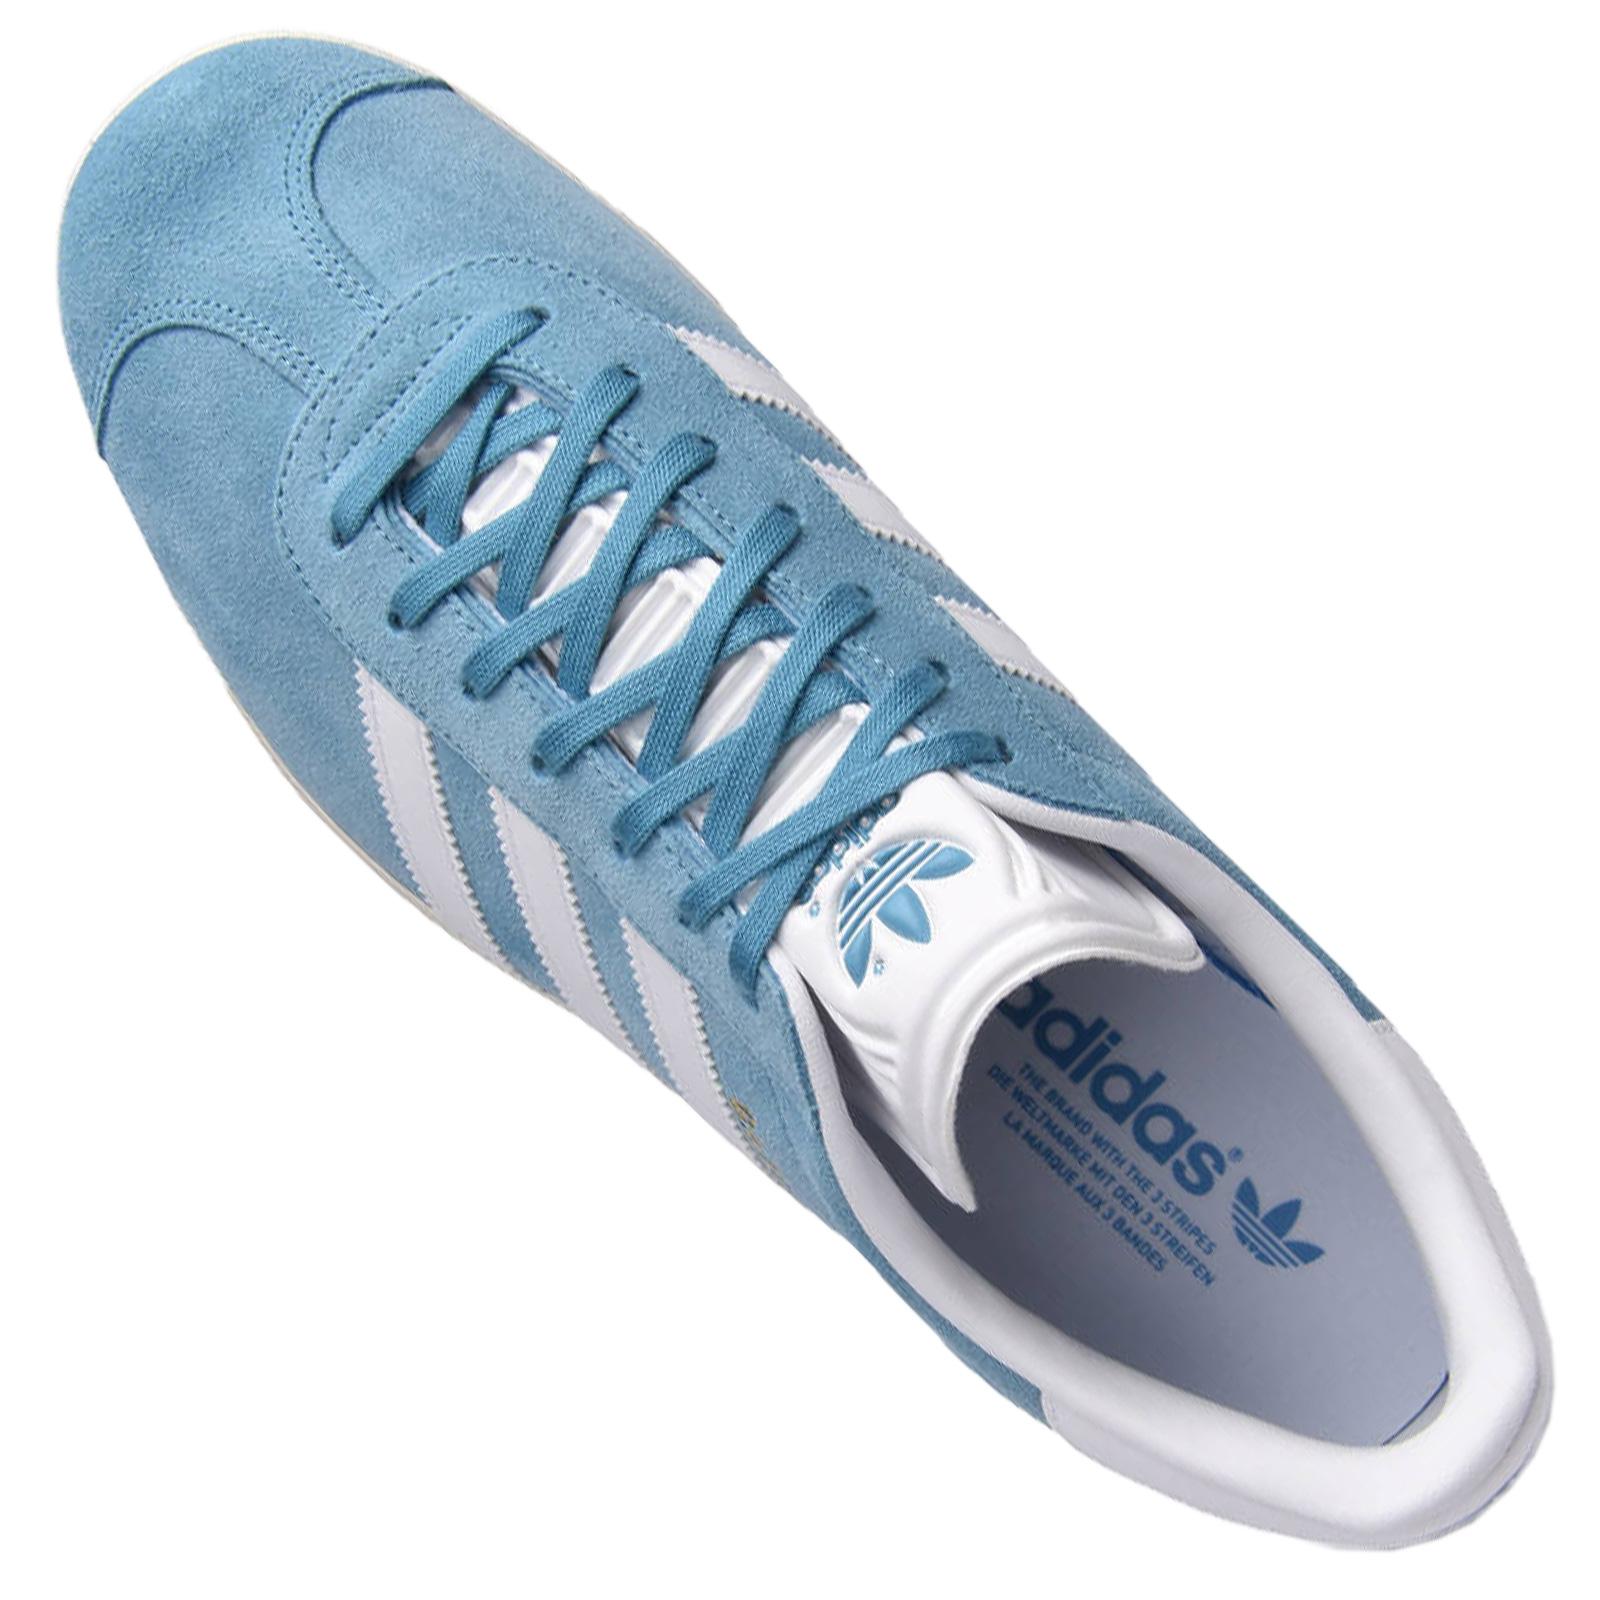 582acaa5e8 adidas Originals Gazelle Damen Sneaker BZ0023 Leder Turnschuhe Zart Linen  Grün